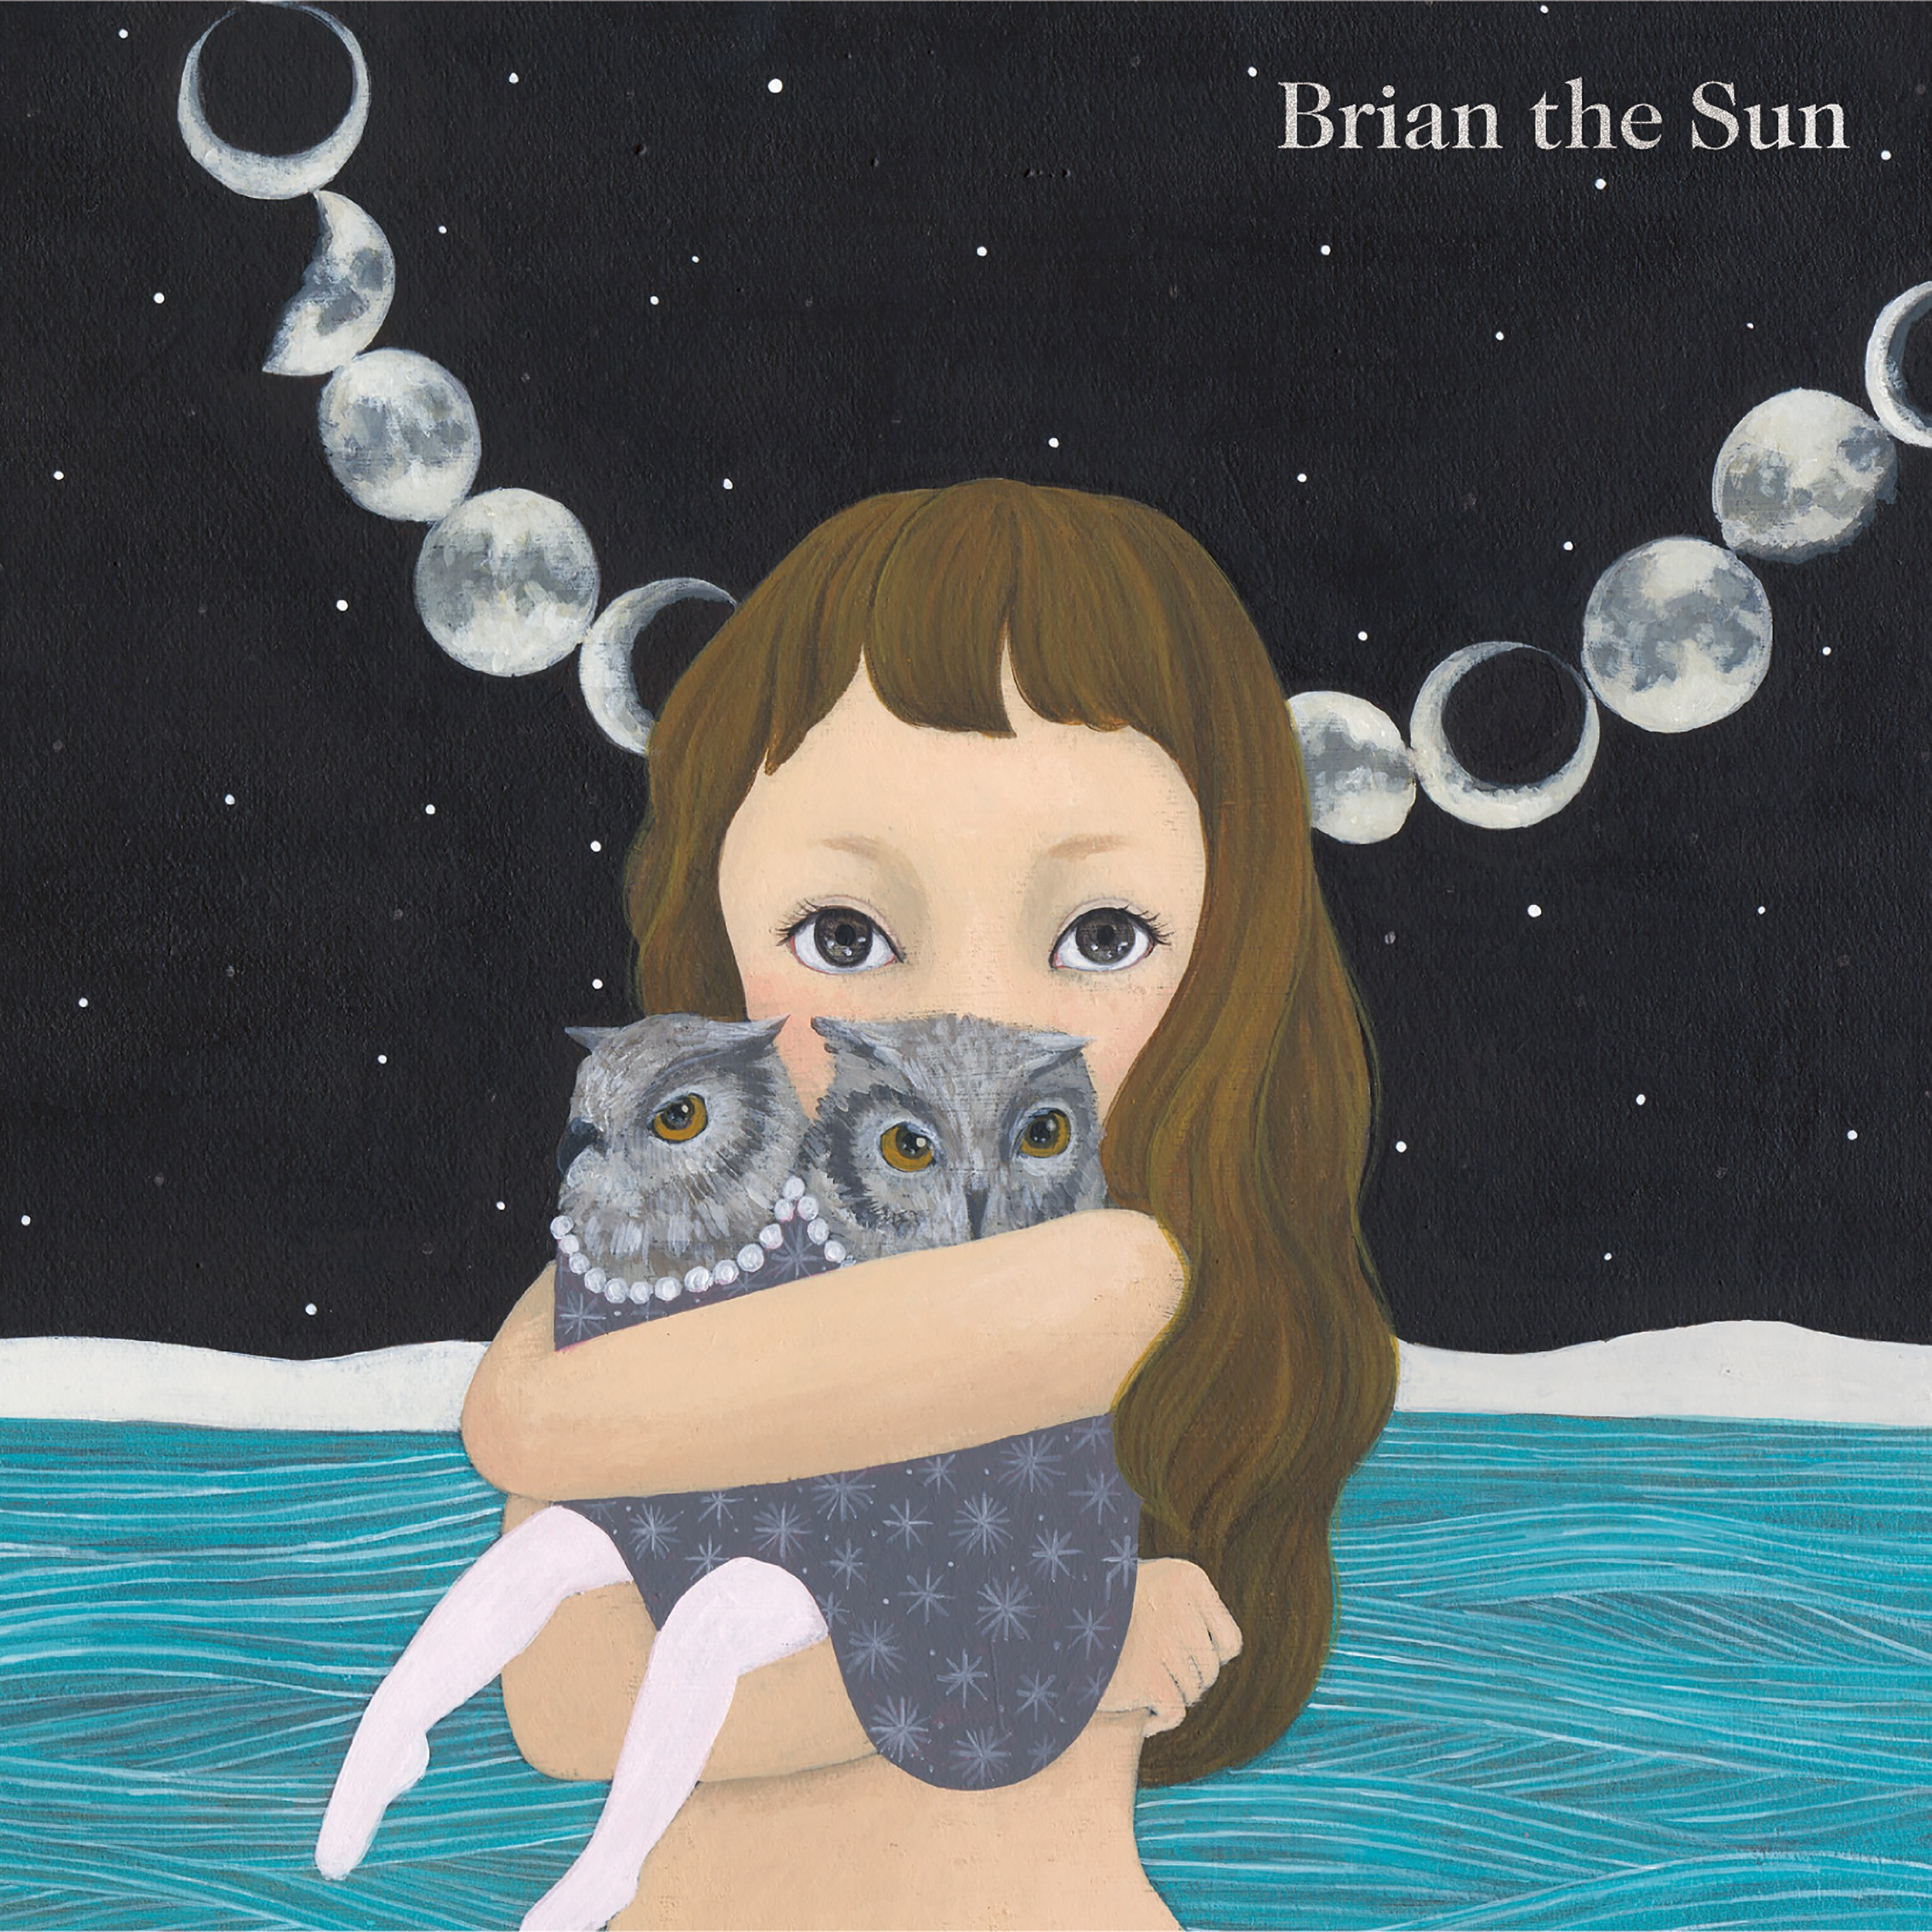 Image of Brian the Sun / Brian the Sun